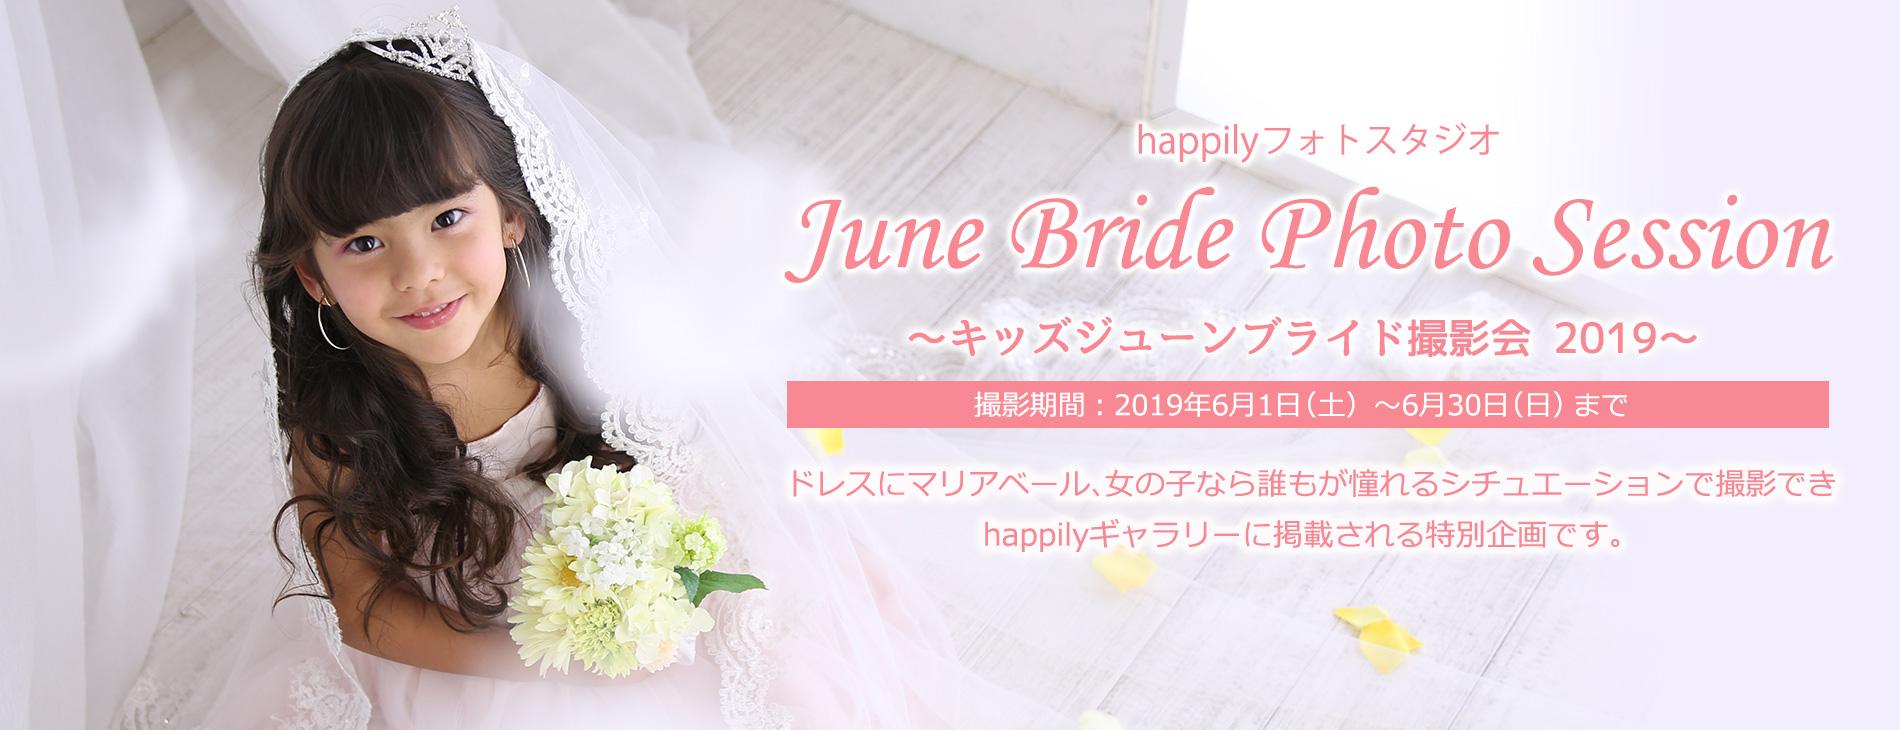 Kids June Bride 撮影会 2019